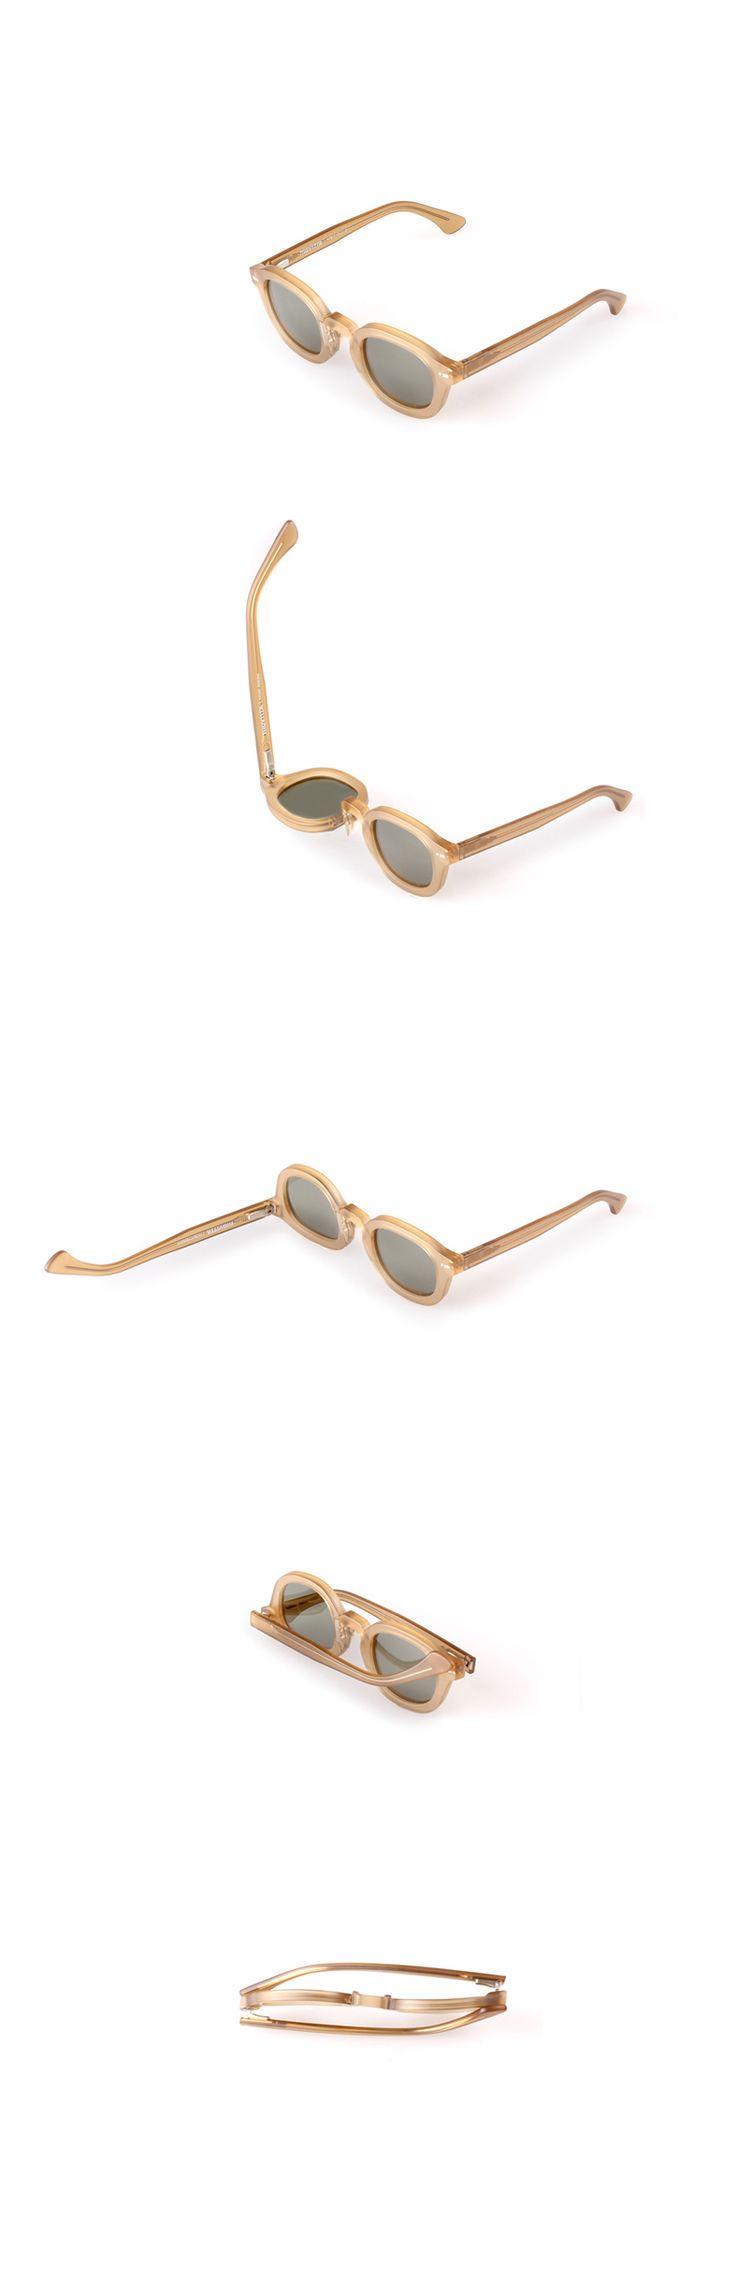 Movitra 115 - Cristallo miele con lente verde #sunglasses #movitra #movitraspectacles #spectacles #glasses #eyewear